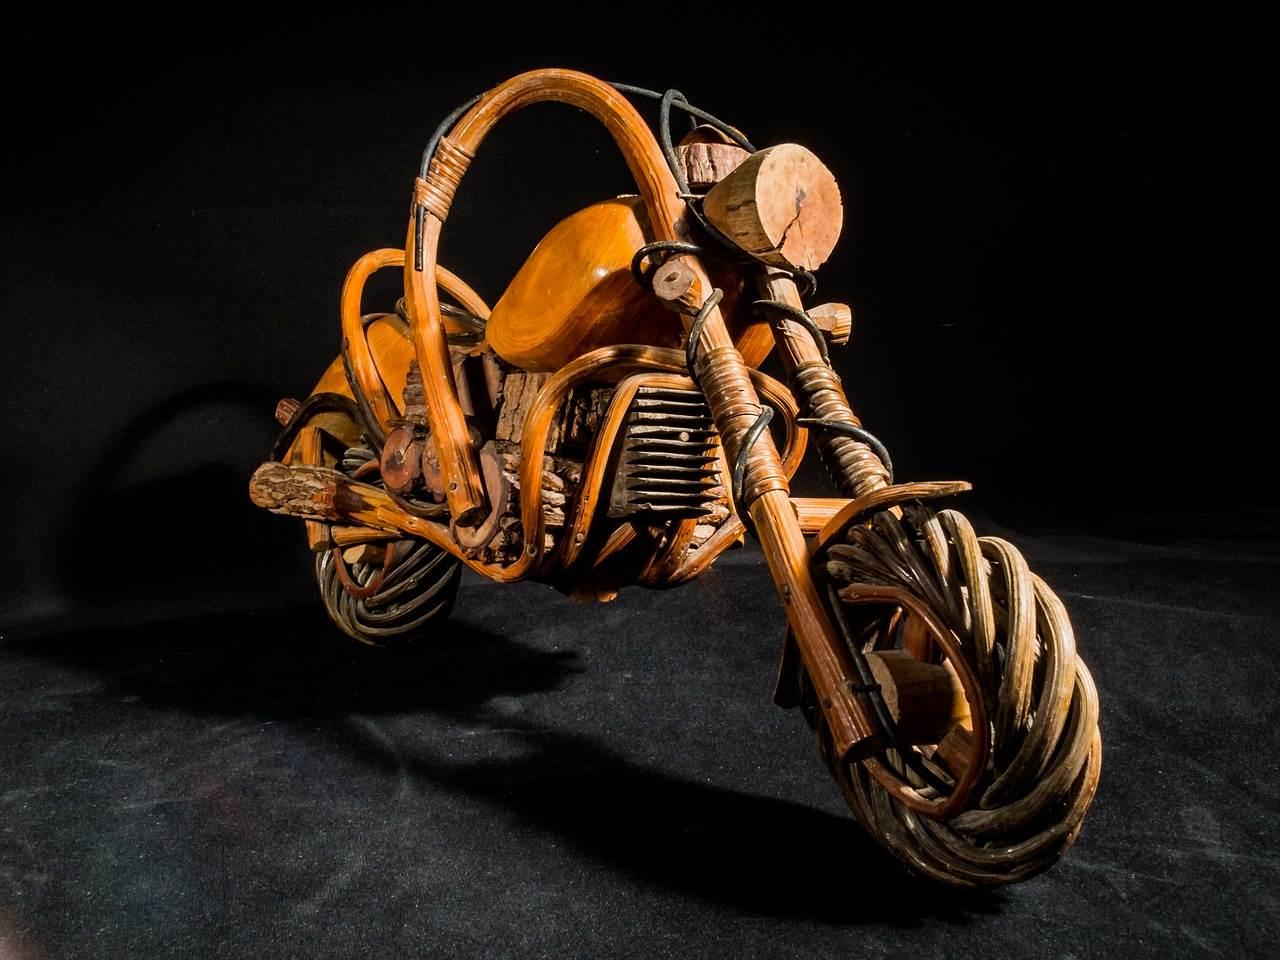 Заяц купил мотоцикл. Едет, а тут навстречу ему волк...